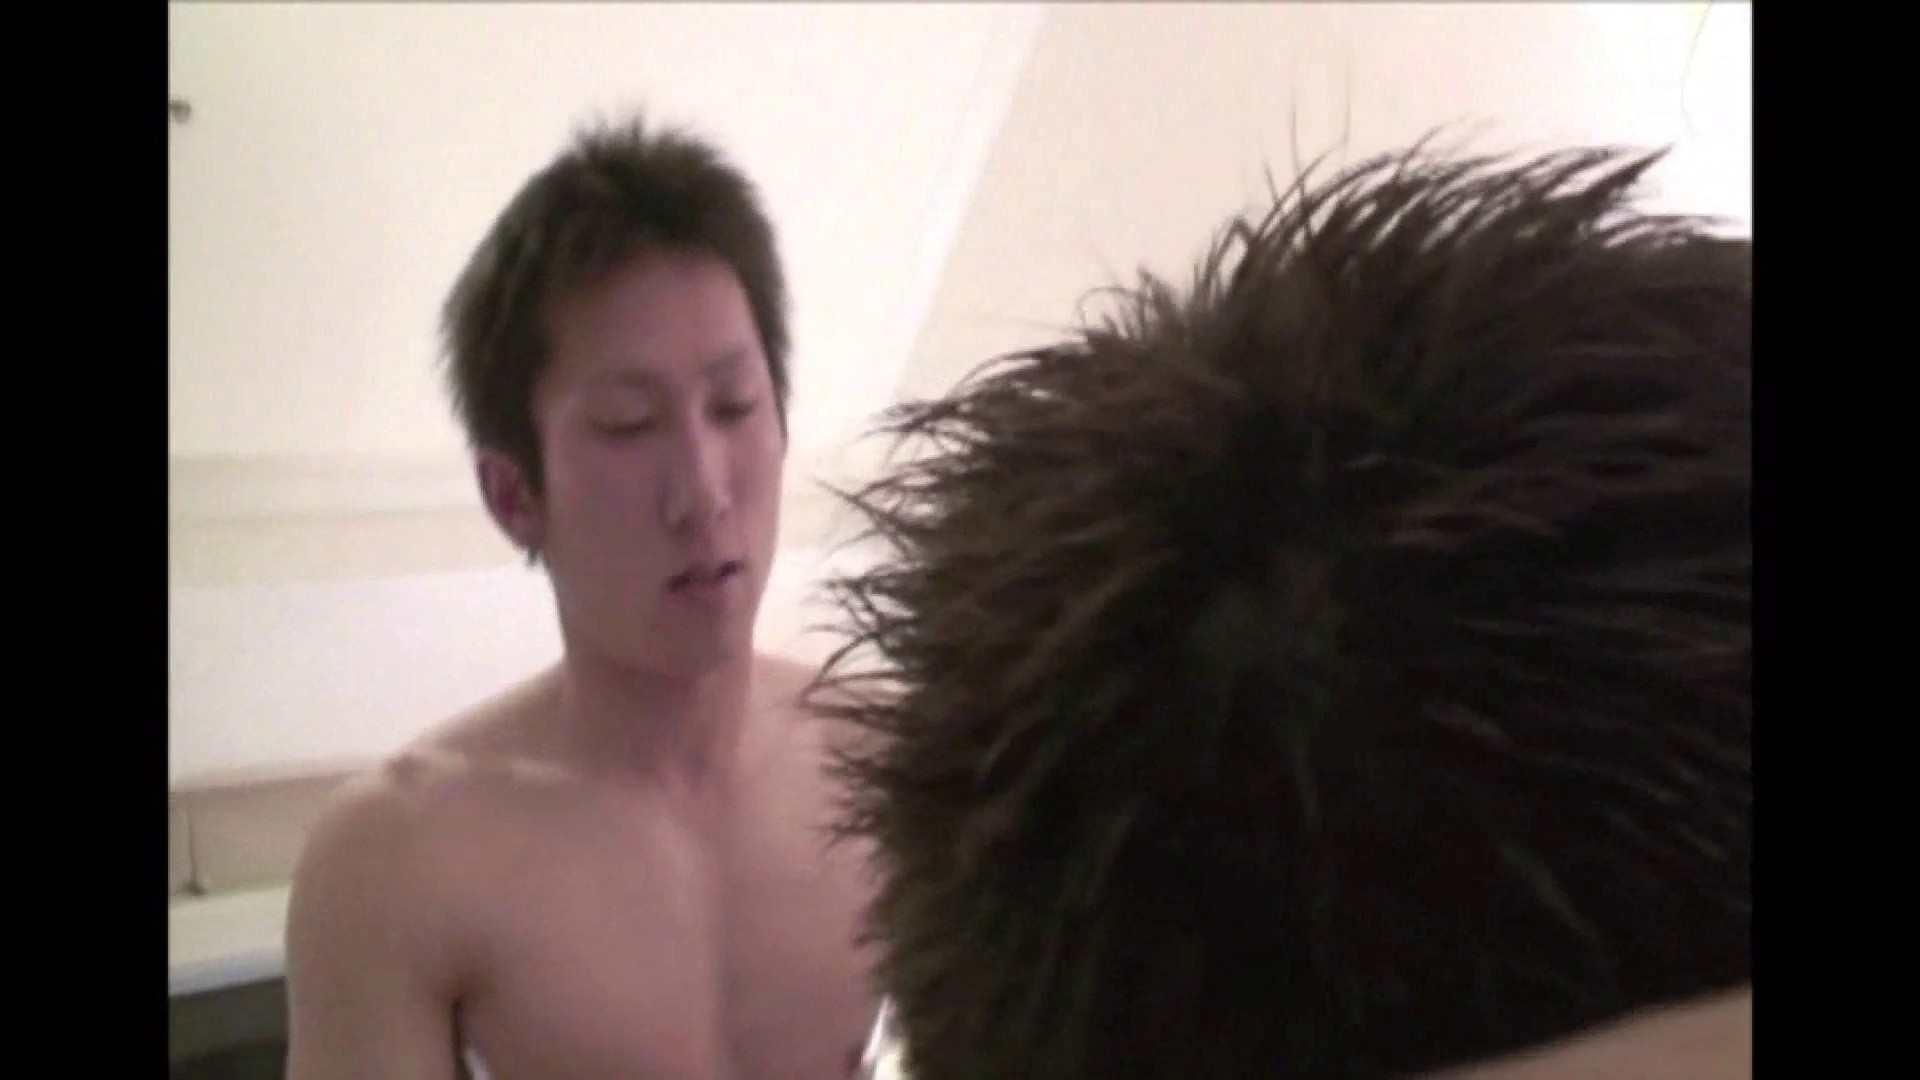 イケイケMEN'SCLUB vol.51 エロすぎる映像  93画像 18